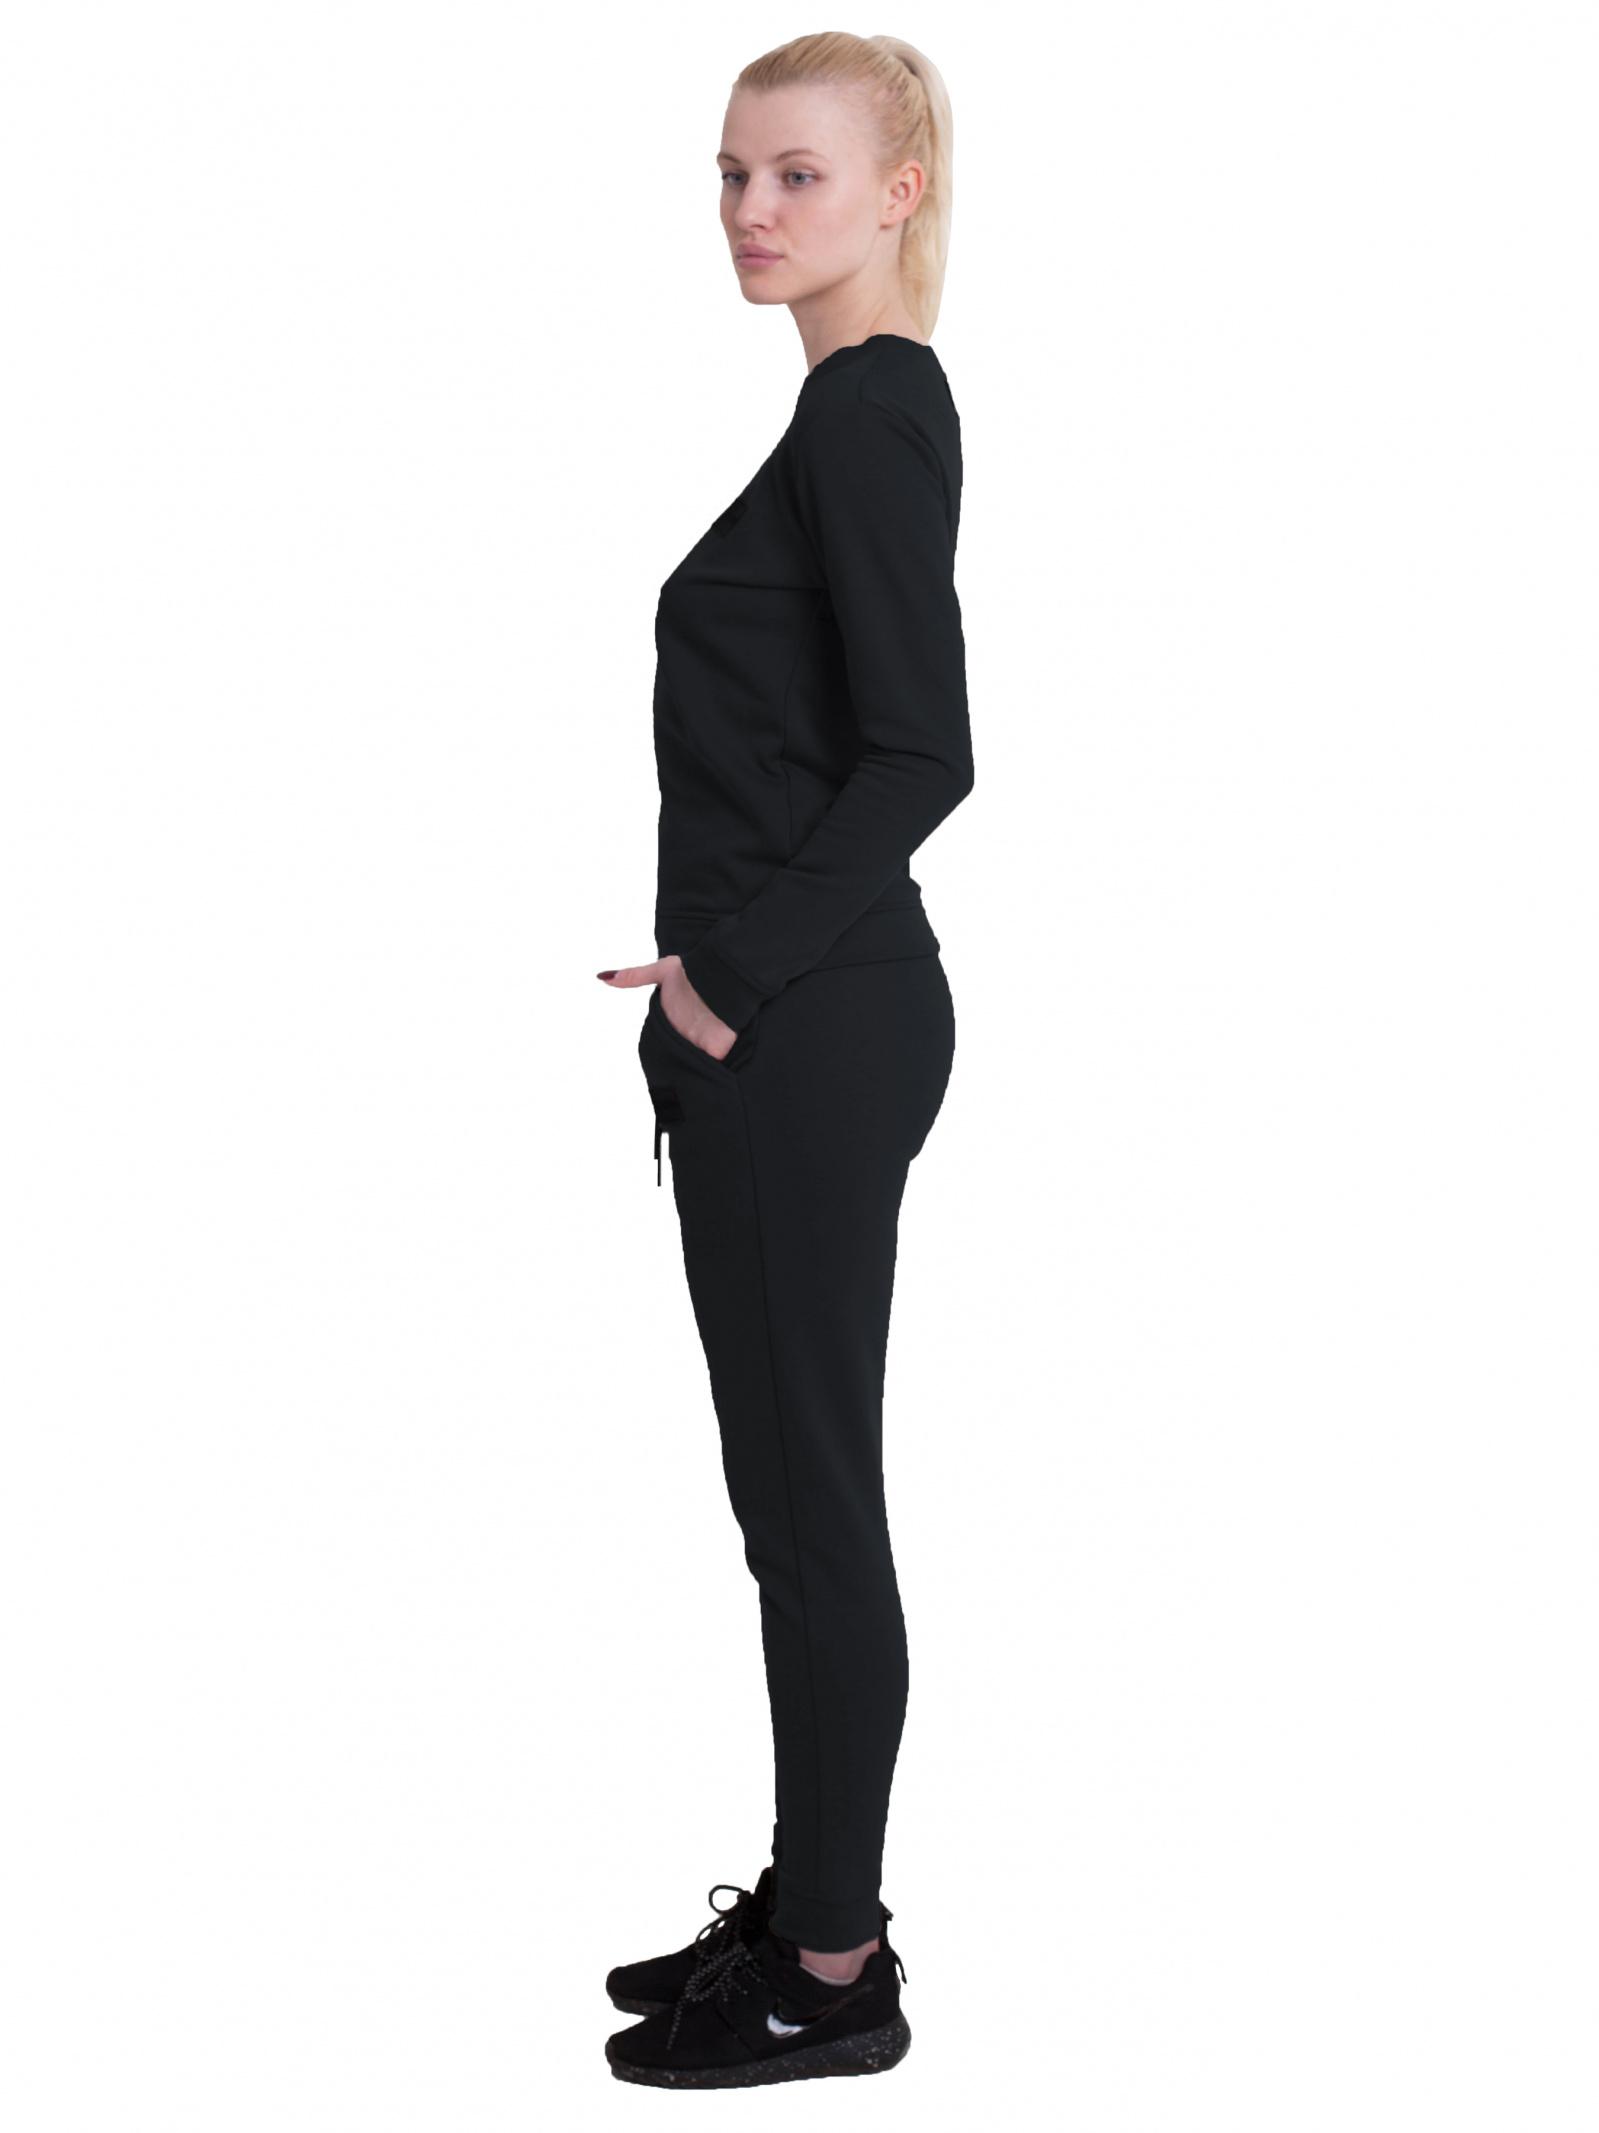 KARUA Костюм (спорт) жіночі модель S-00251 відгуки, 2017